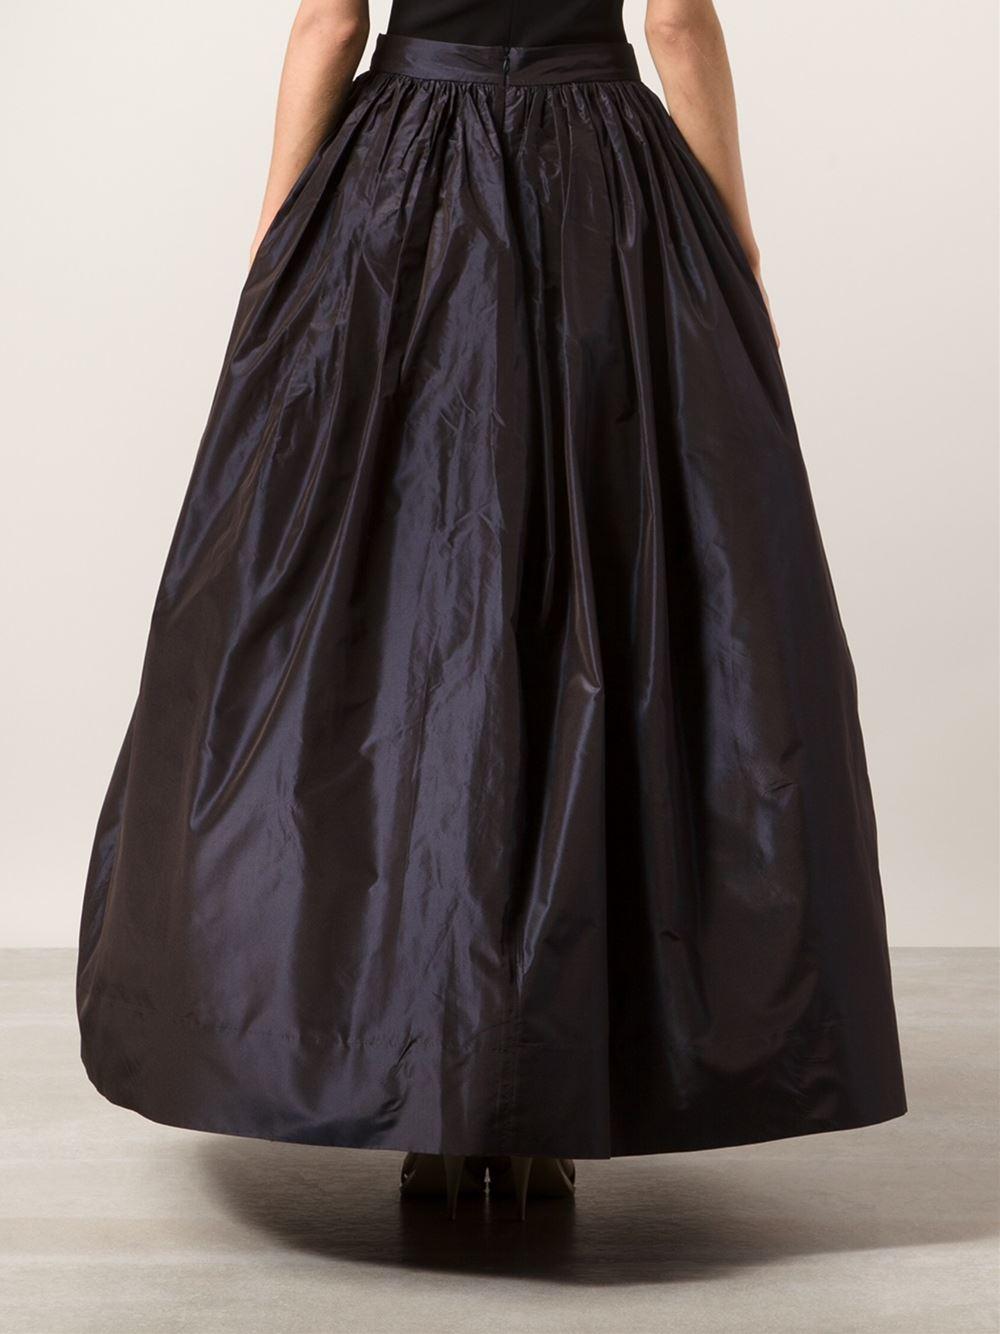 Martin Grant Long Taffeta Skirt in Blue - Lyst